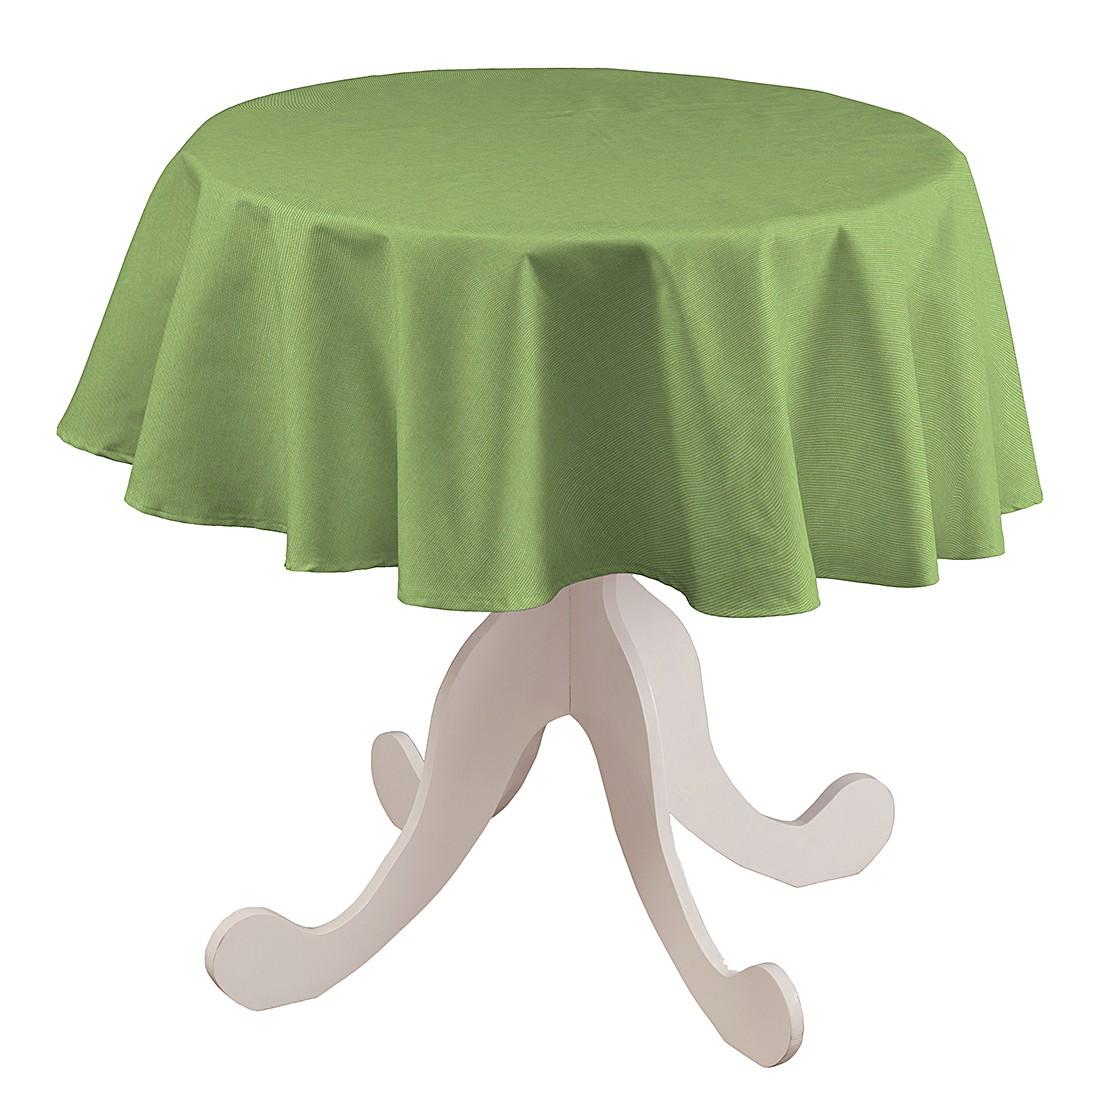 Tischdecke Atago Rund – Hellgrün – Ø 135 cm, Dekoria jetzt kaufen